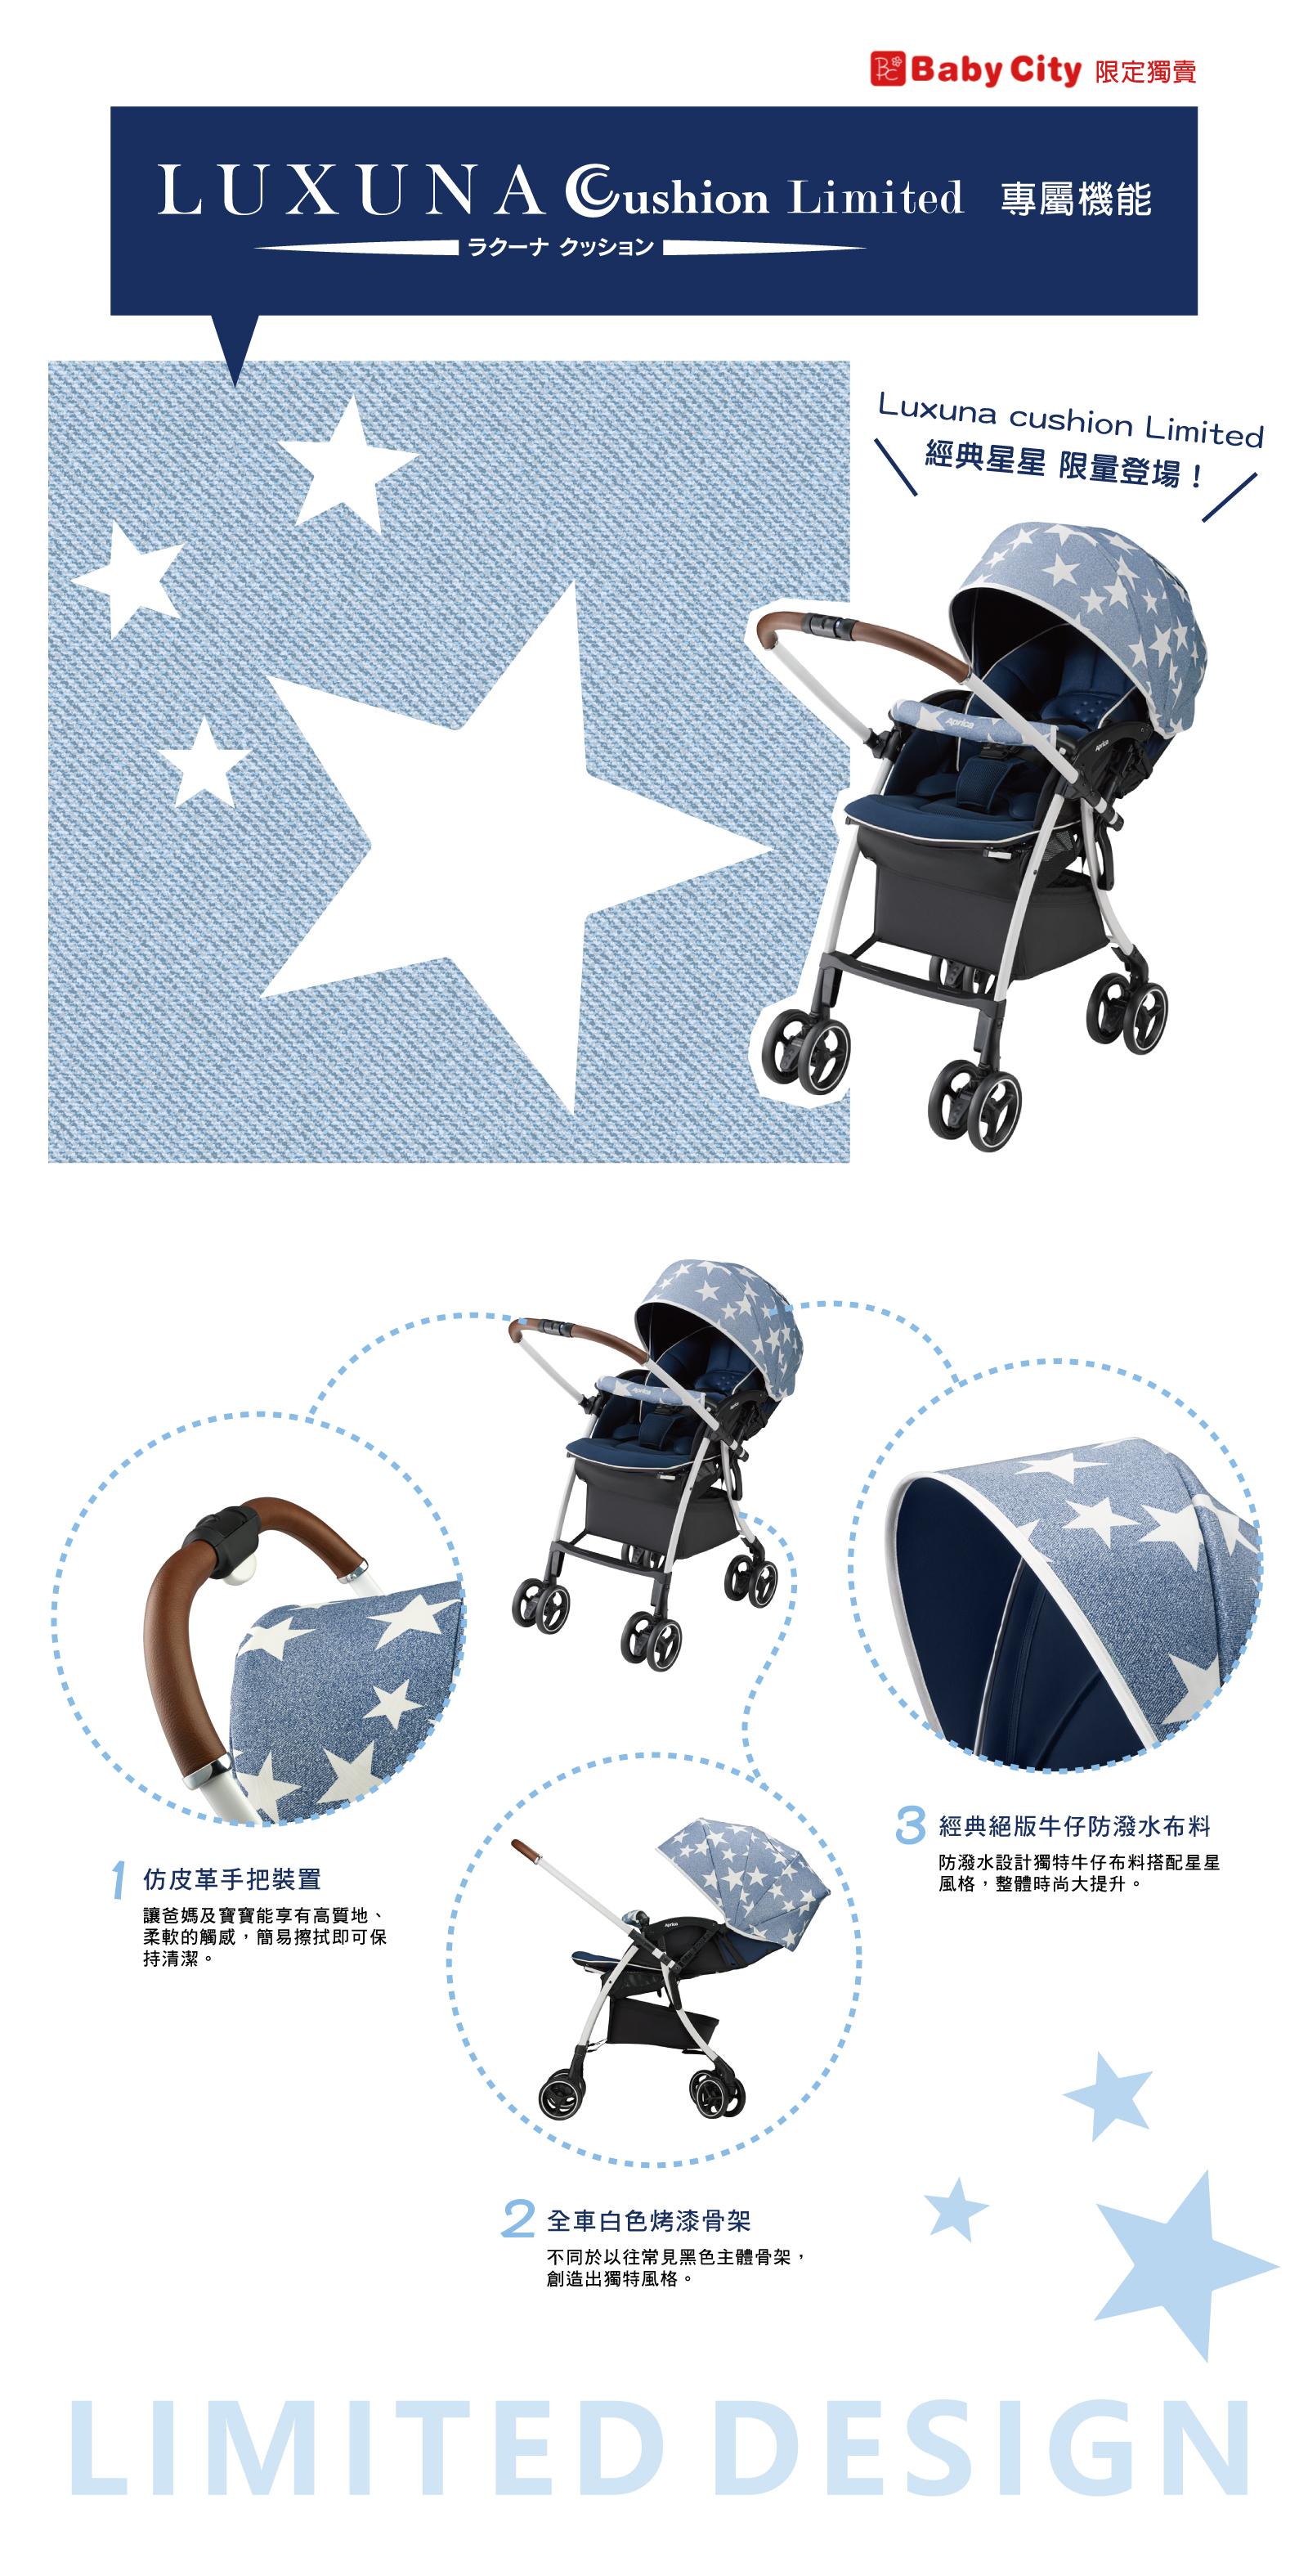 赤ちゃんを守るこだわりすくすくッション設計